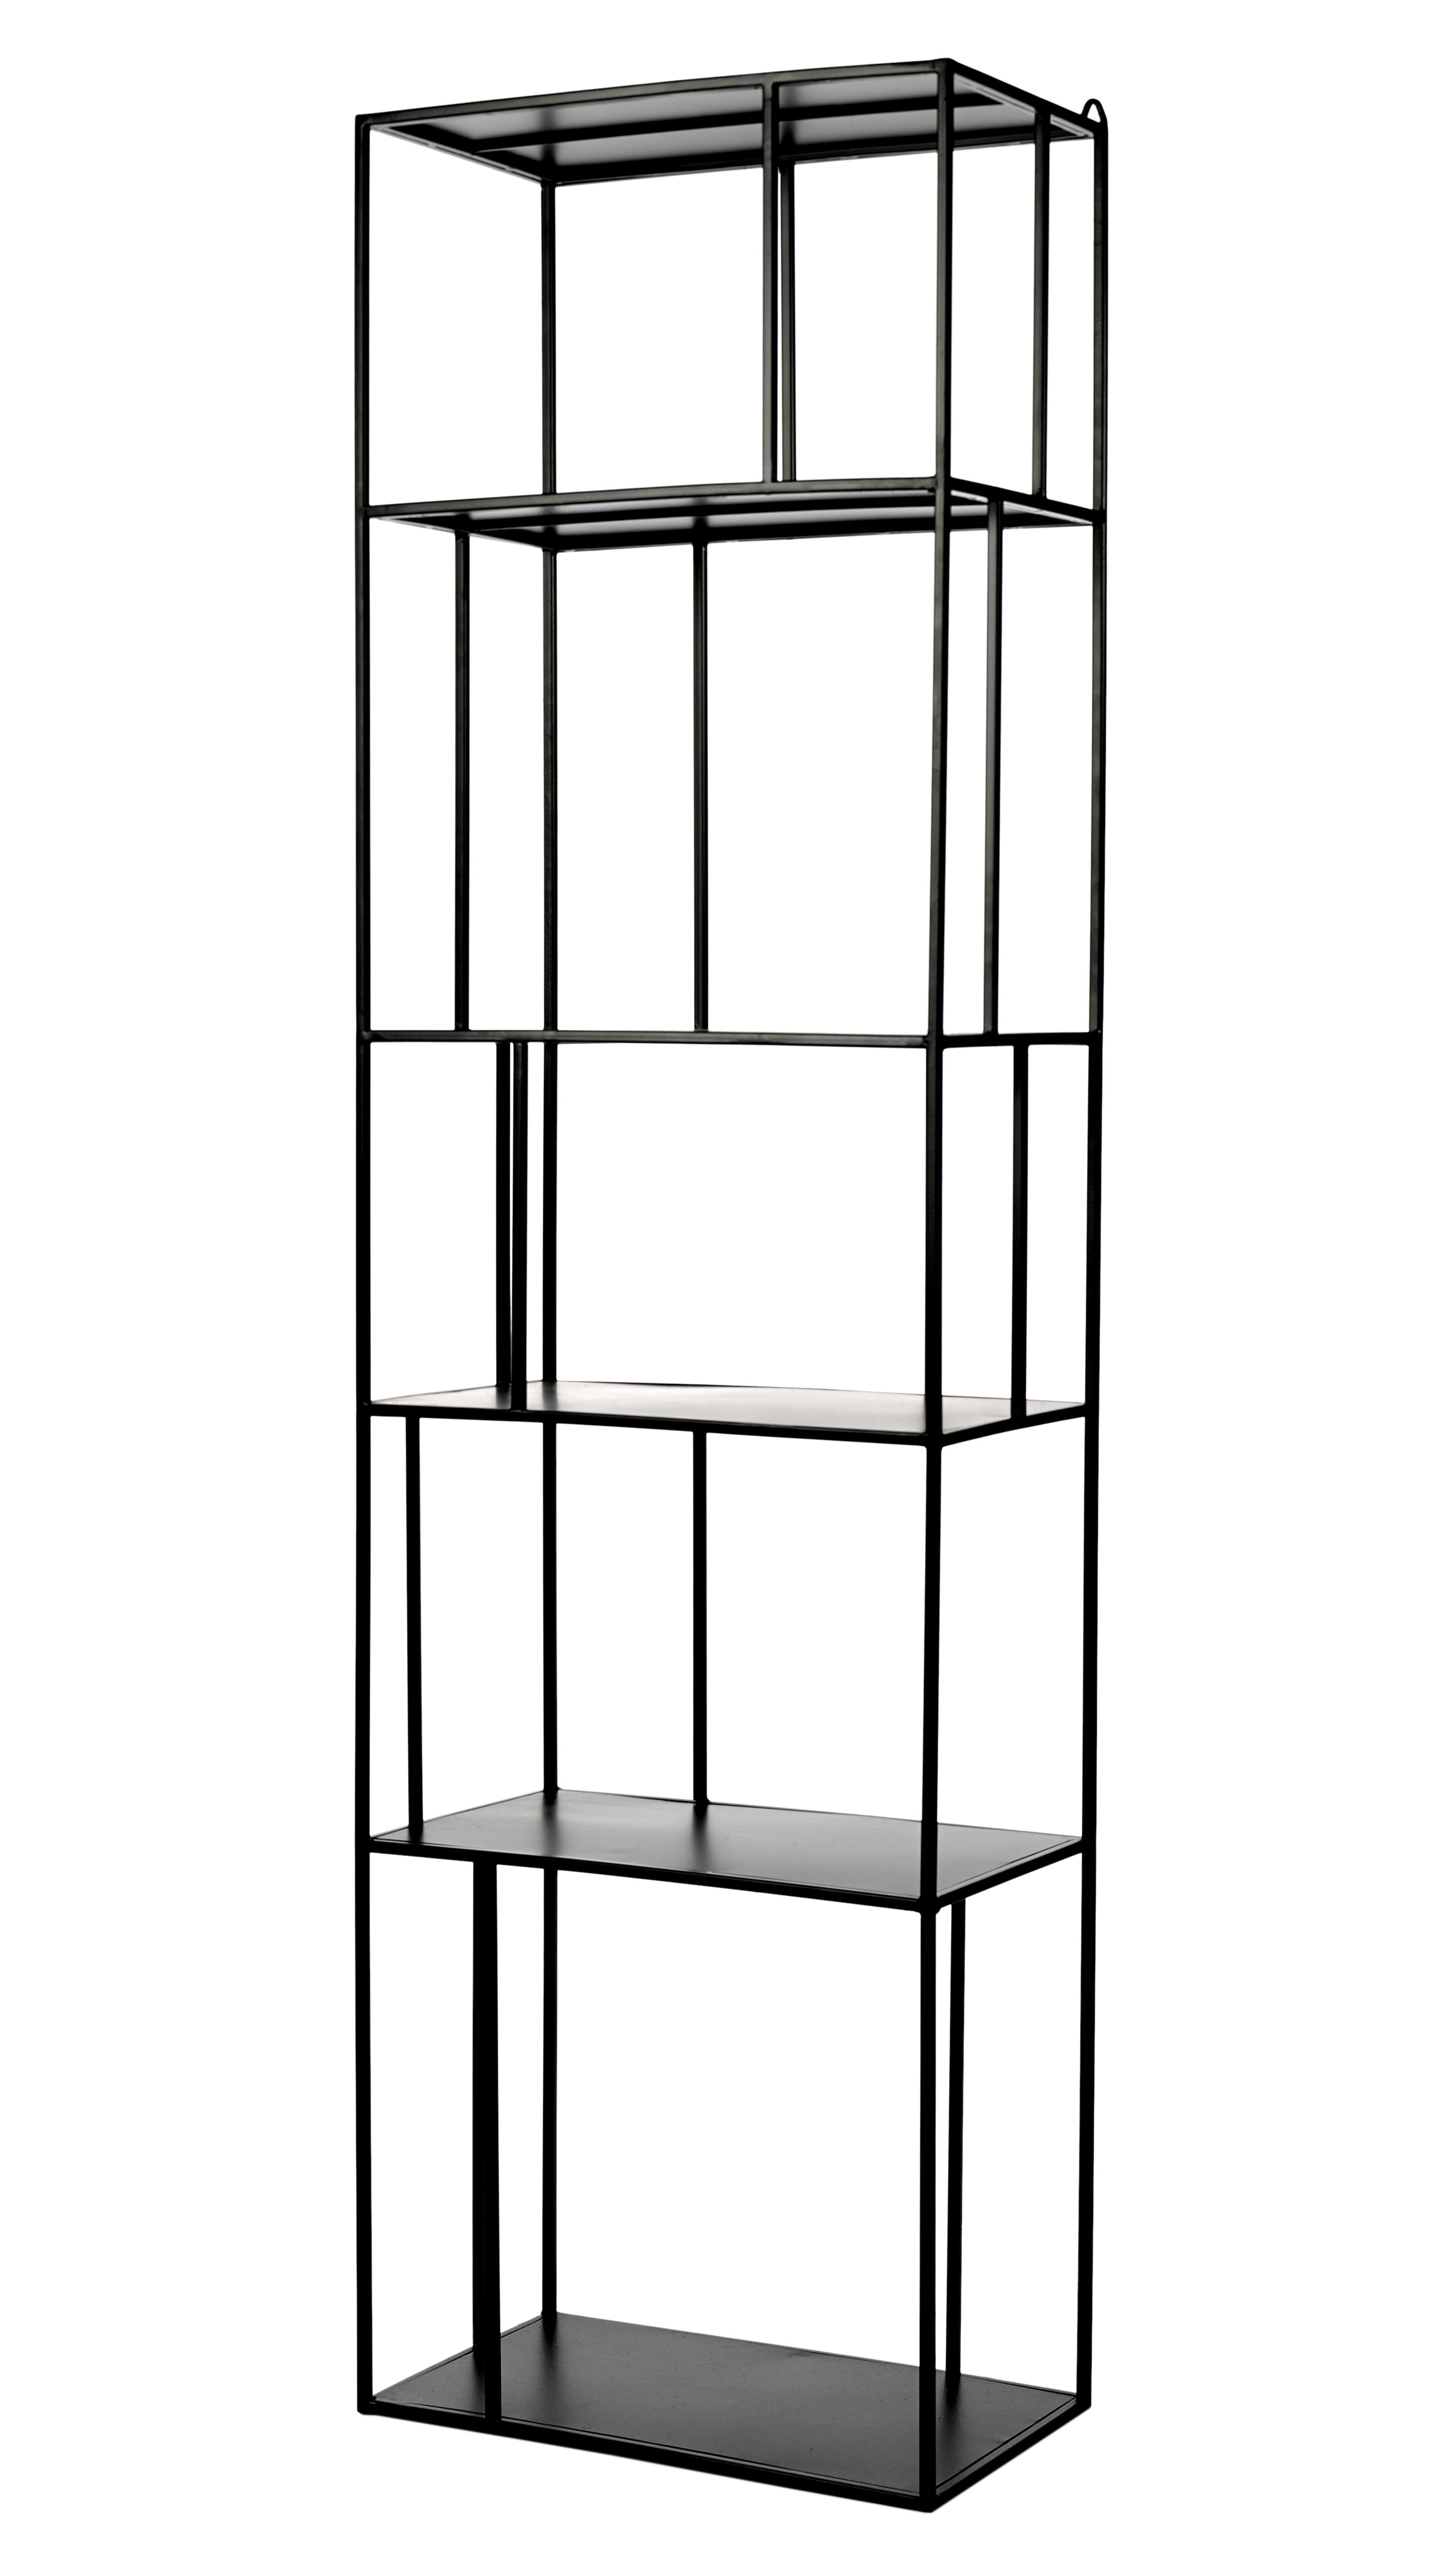 Mobilier - Etagères & bibliothèques - Etagère Metal Tall Single / L 50 x H 179 cm - Pols Potten - L 50 cm / Noir - Métal époxy